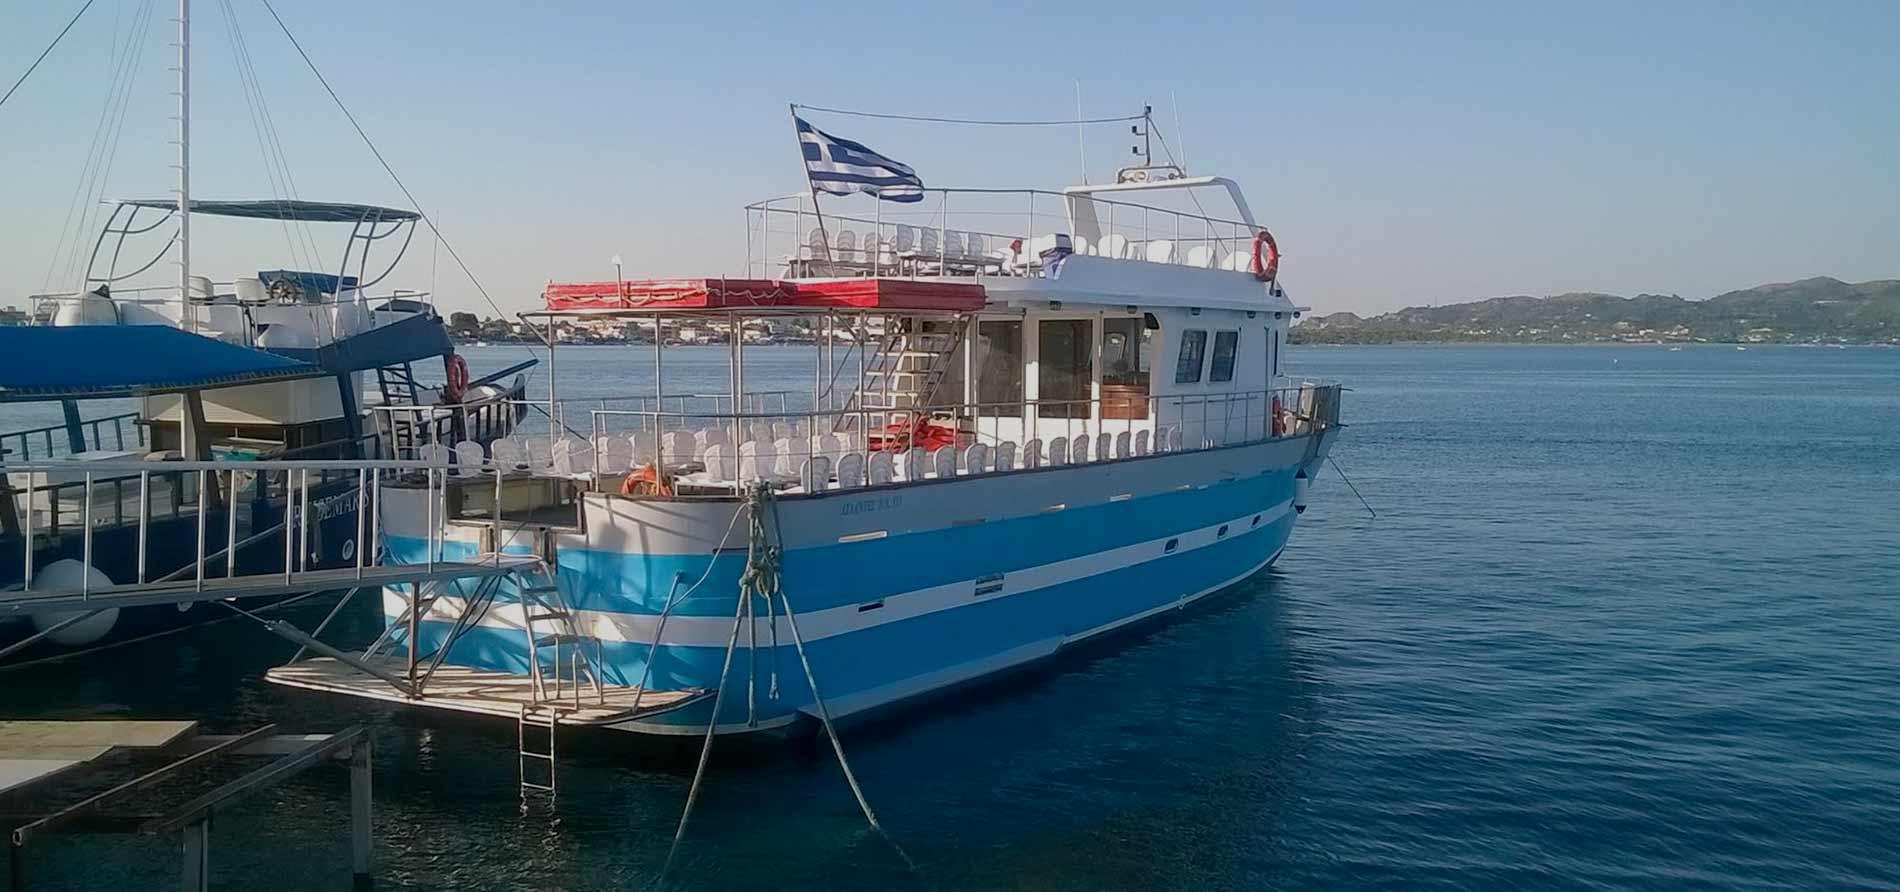 zante boat excursion Zakynthos